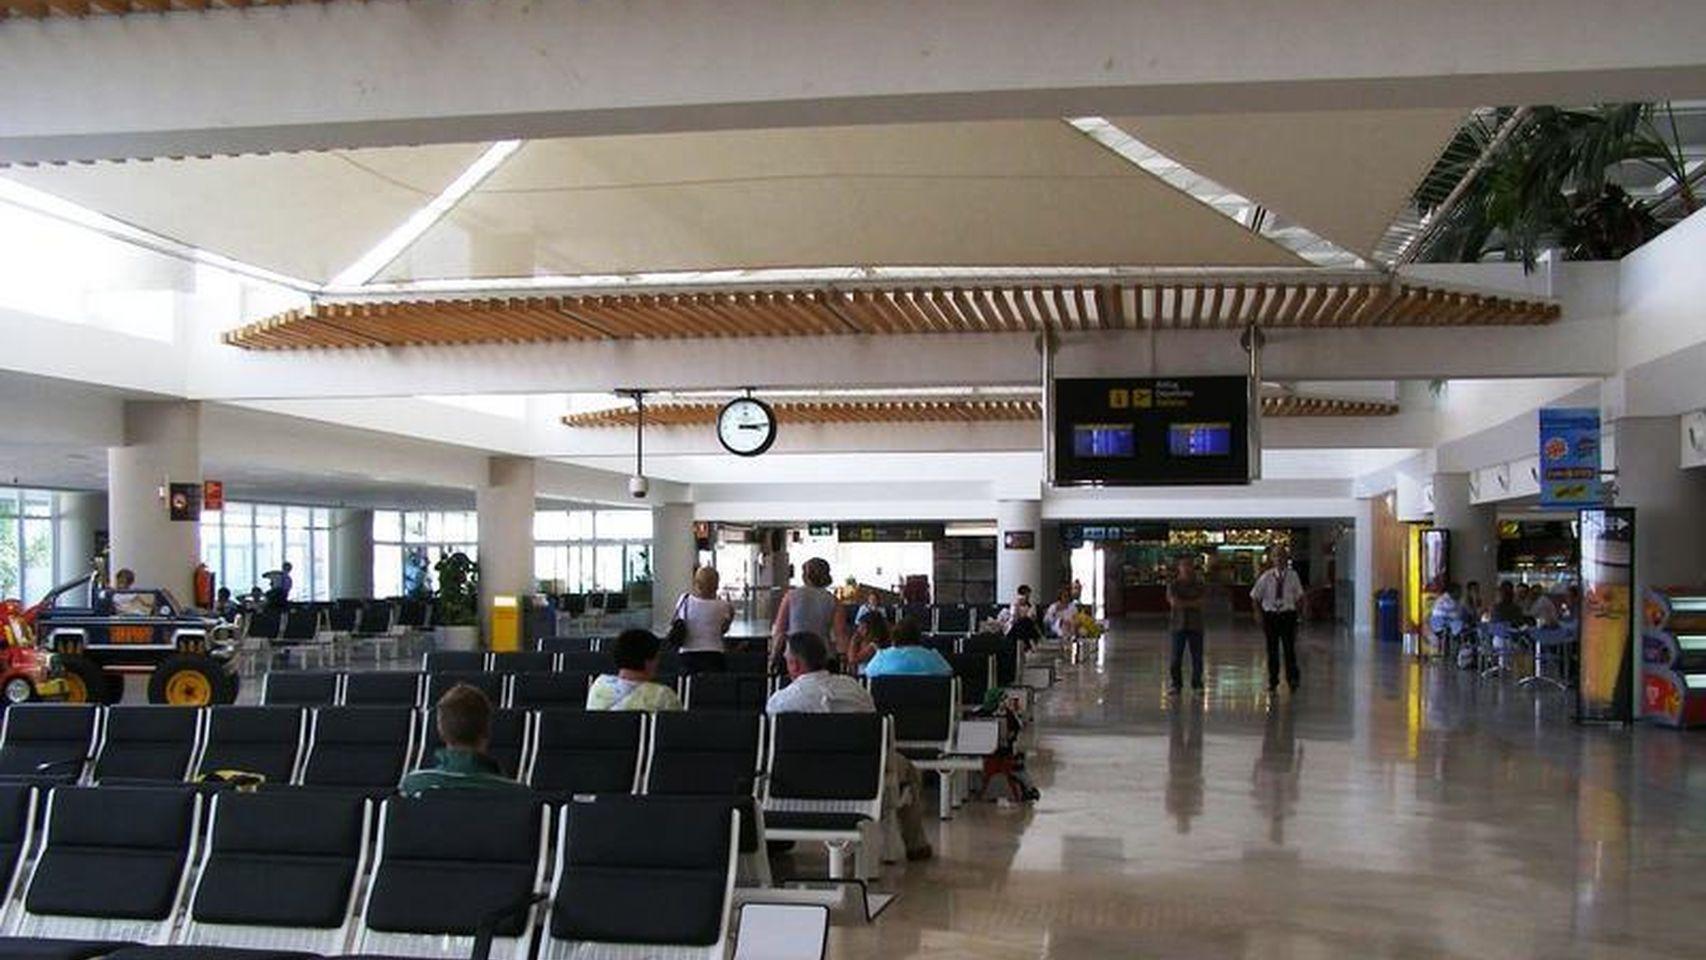 Aterriza en el aeropuerto de Lanzarote un pasajero que da positivo en Coronavirus